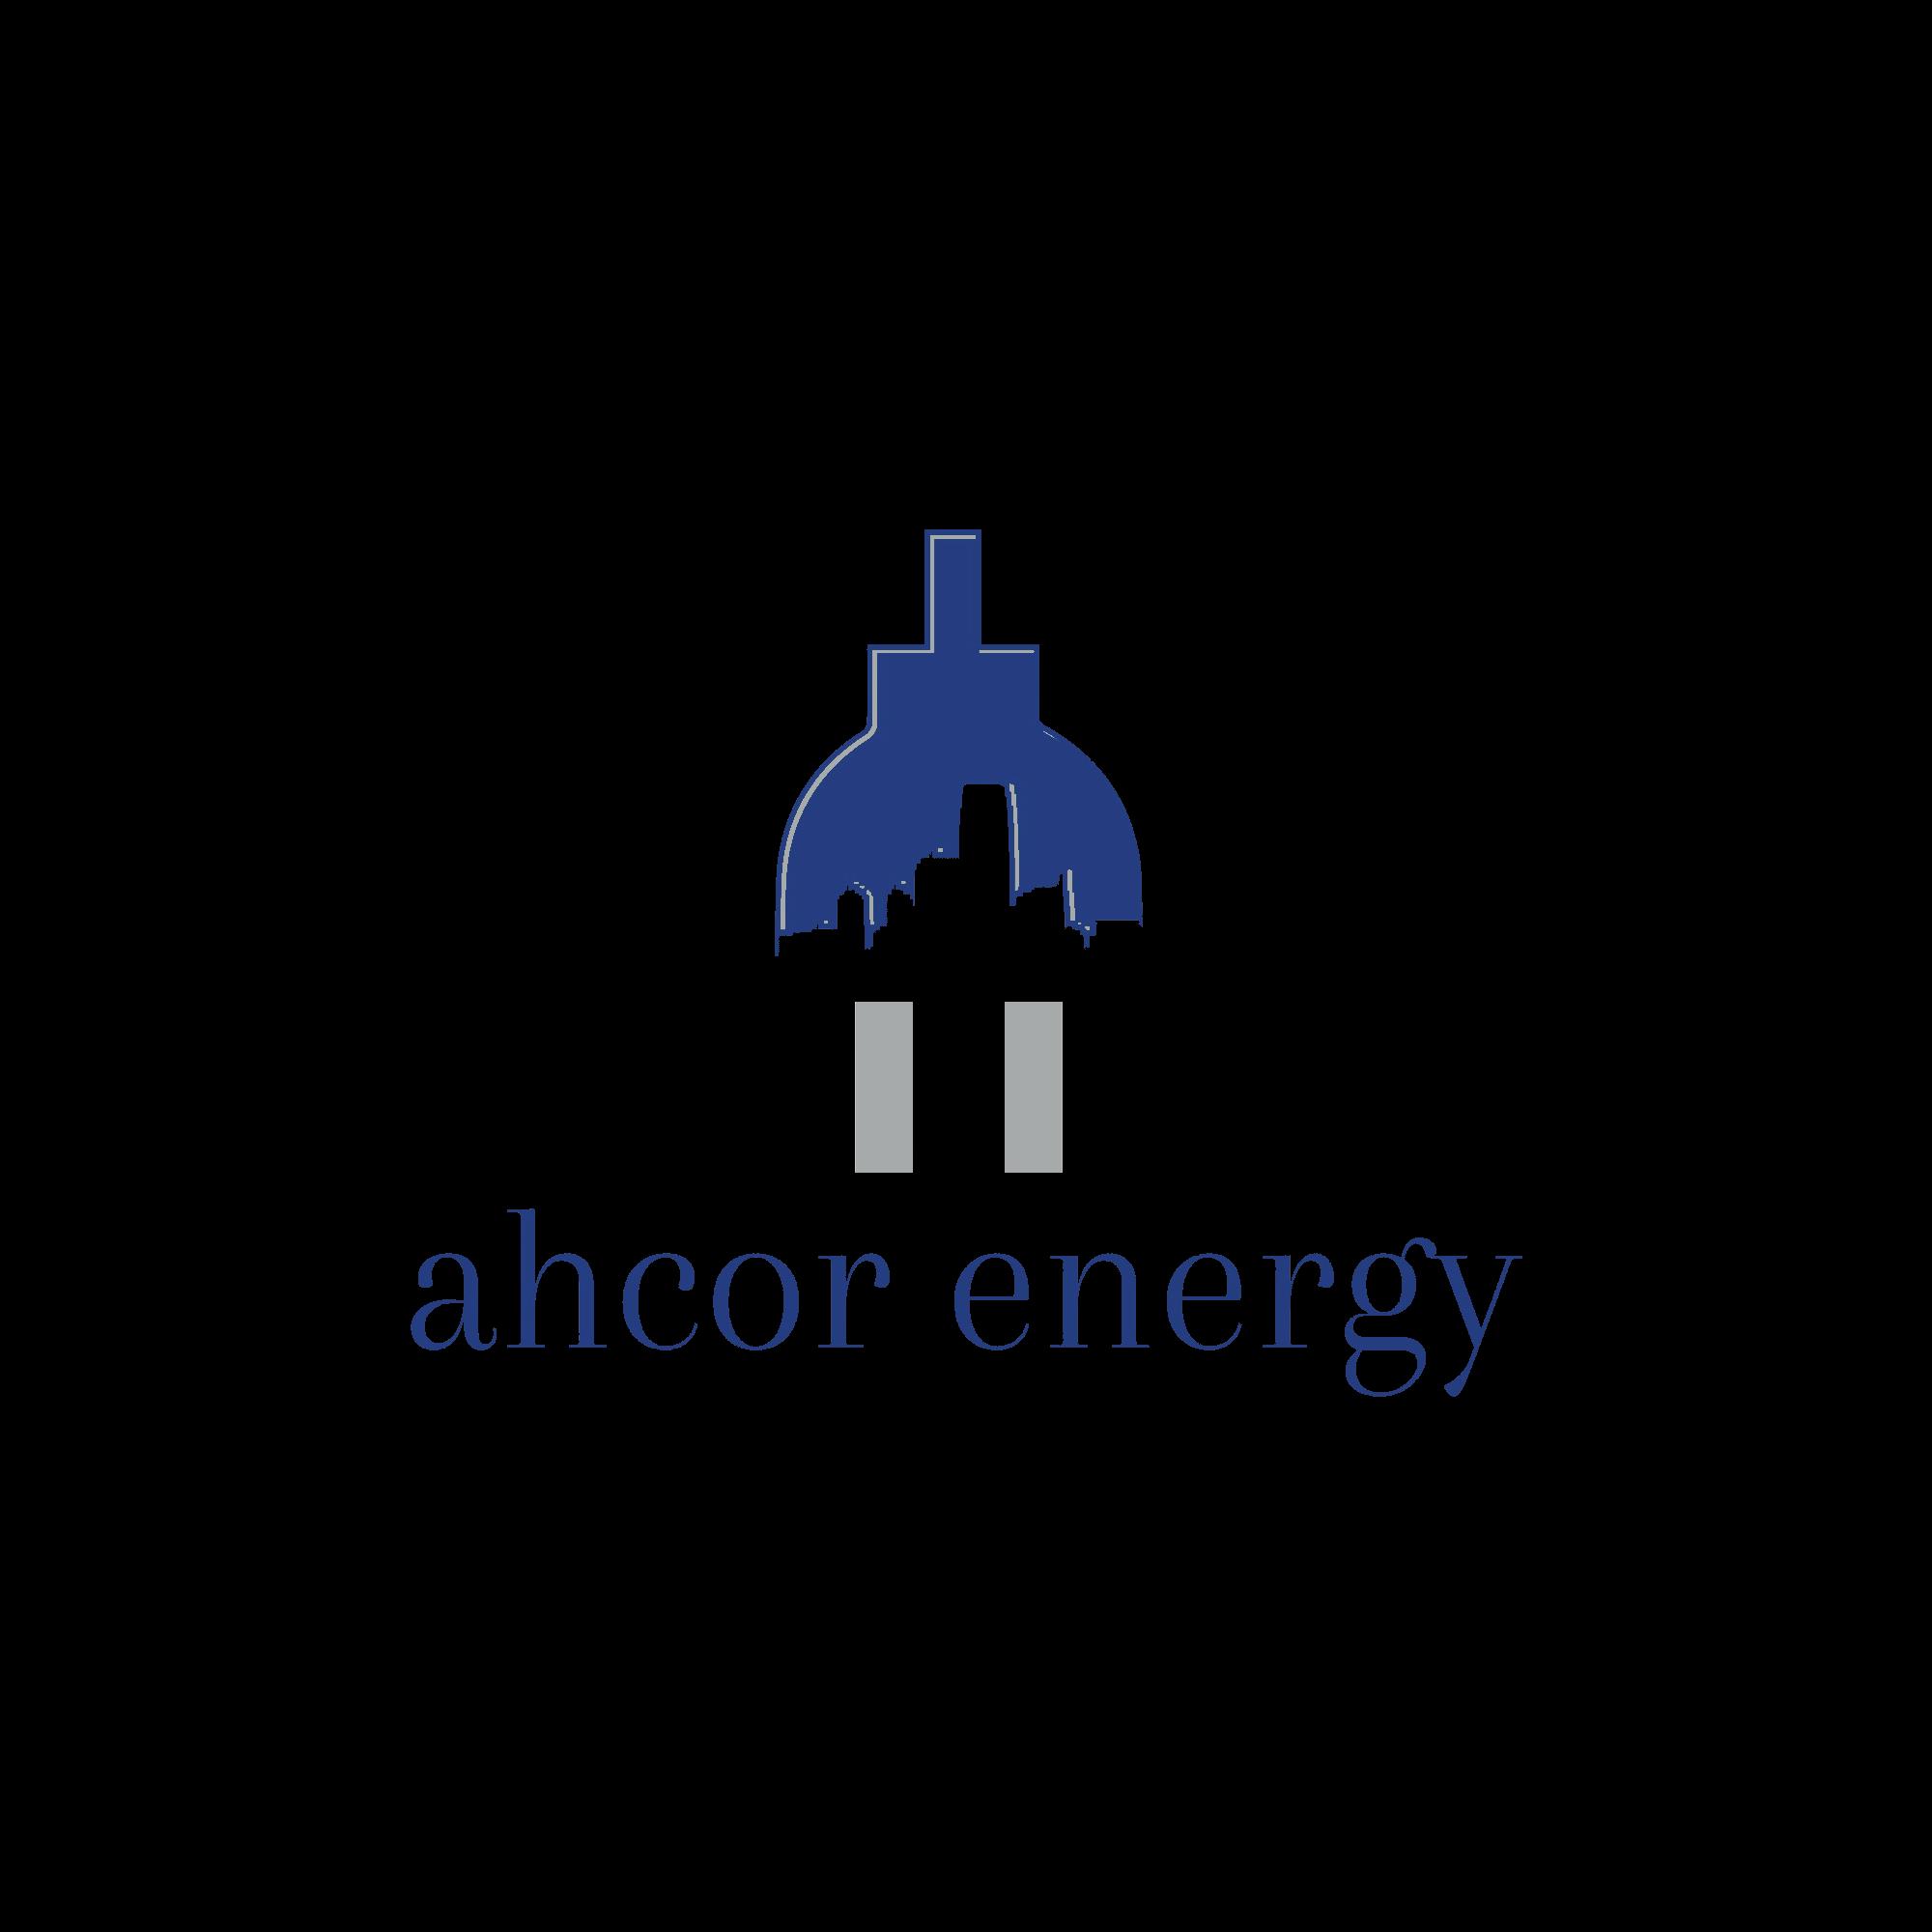 Ahcor Energy